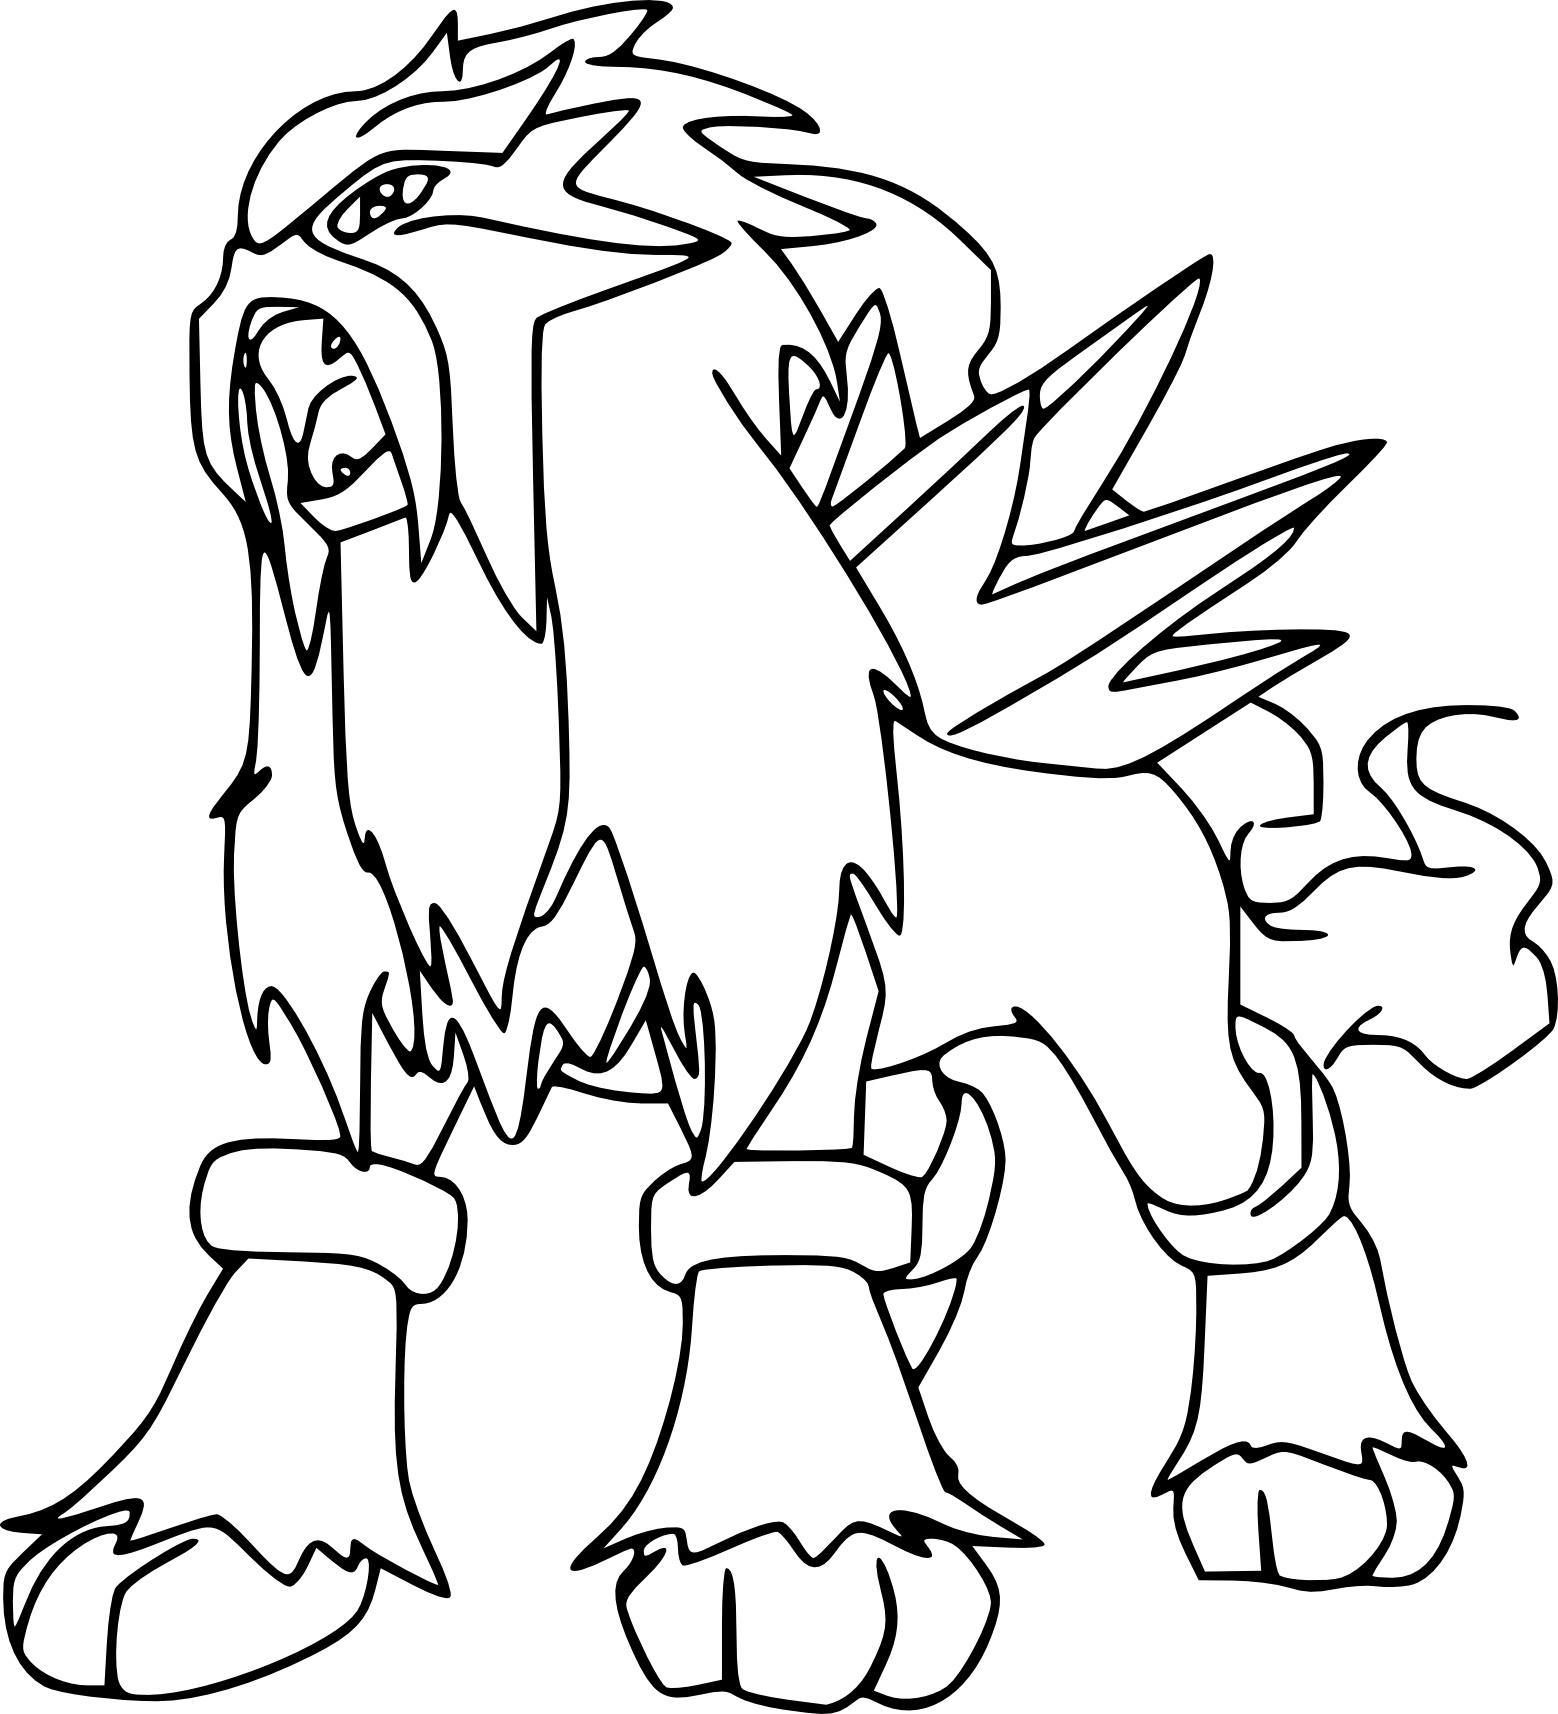 Pokemon Fantome Coloriage   Lafermedenicolas tout Hugo Coloriage Naruto